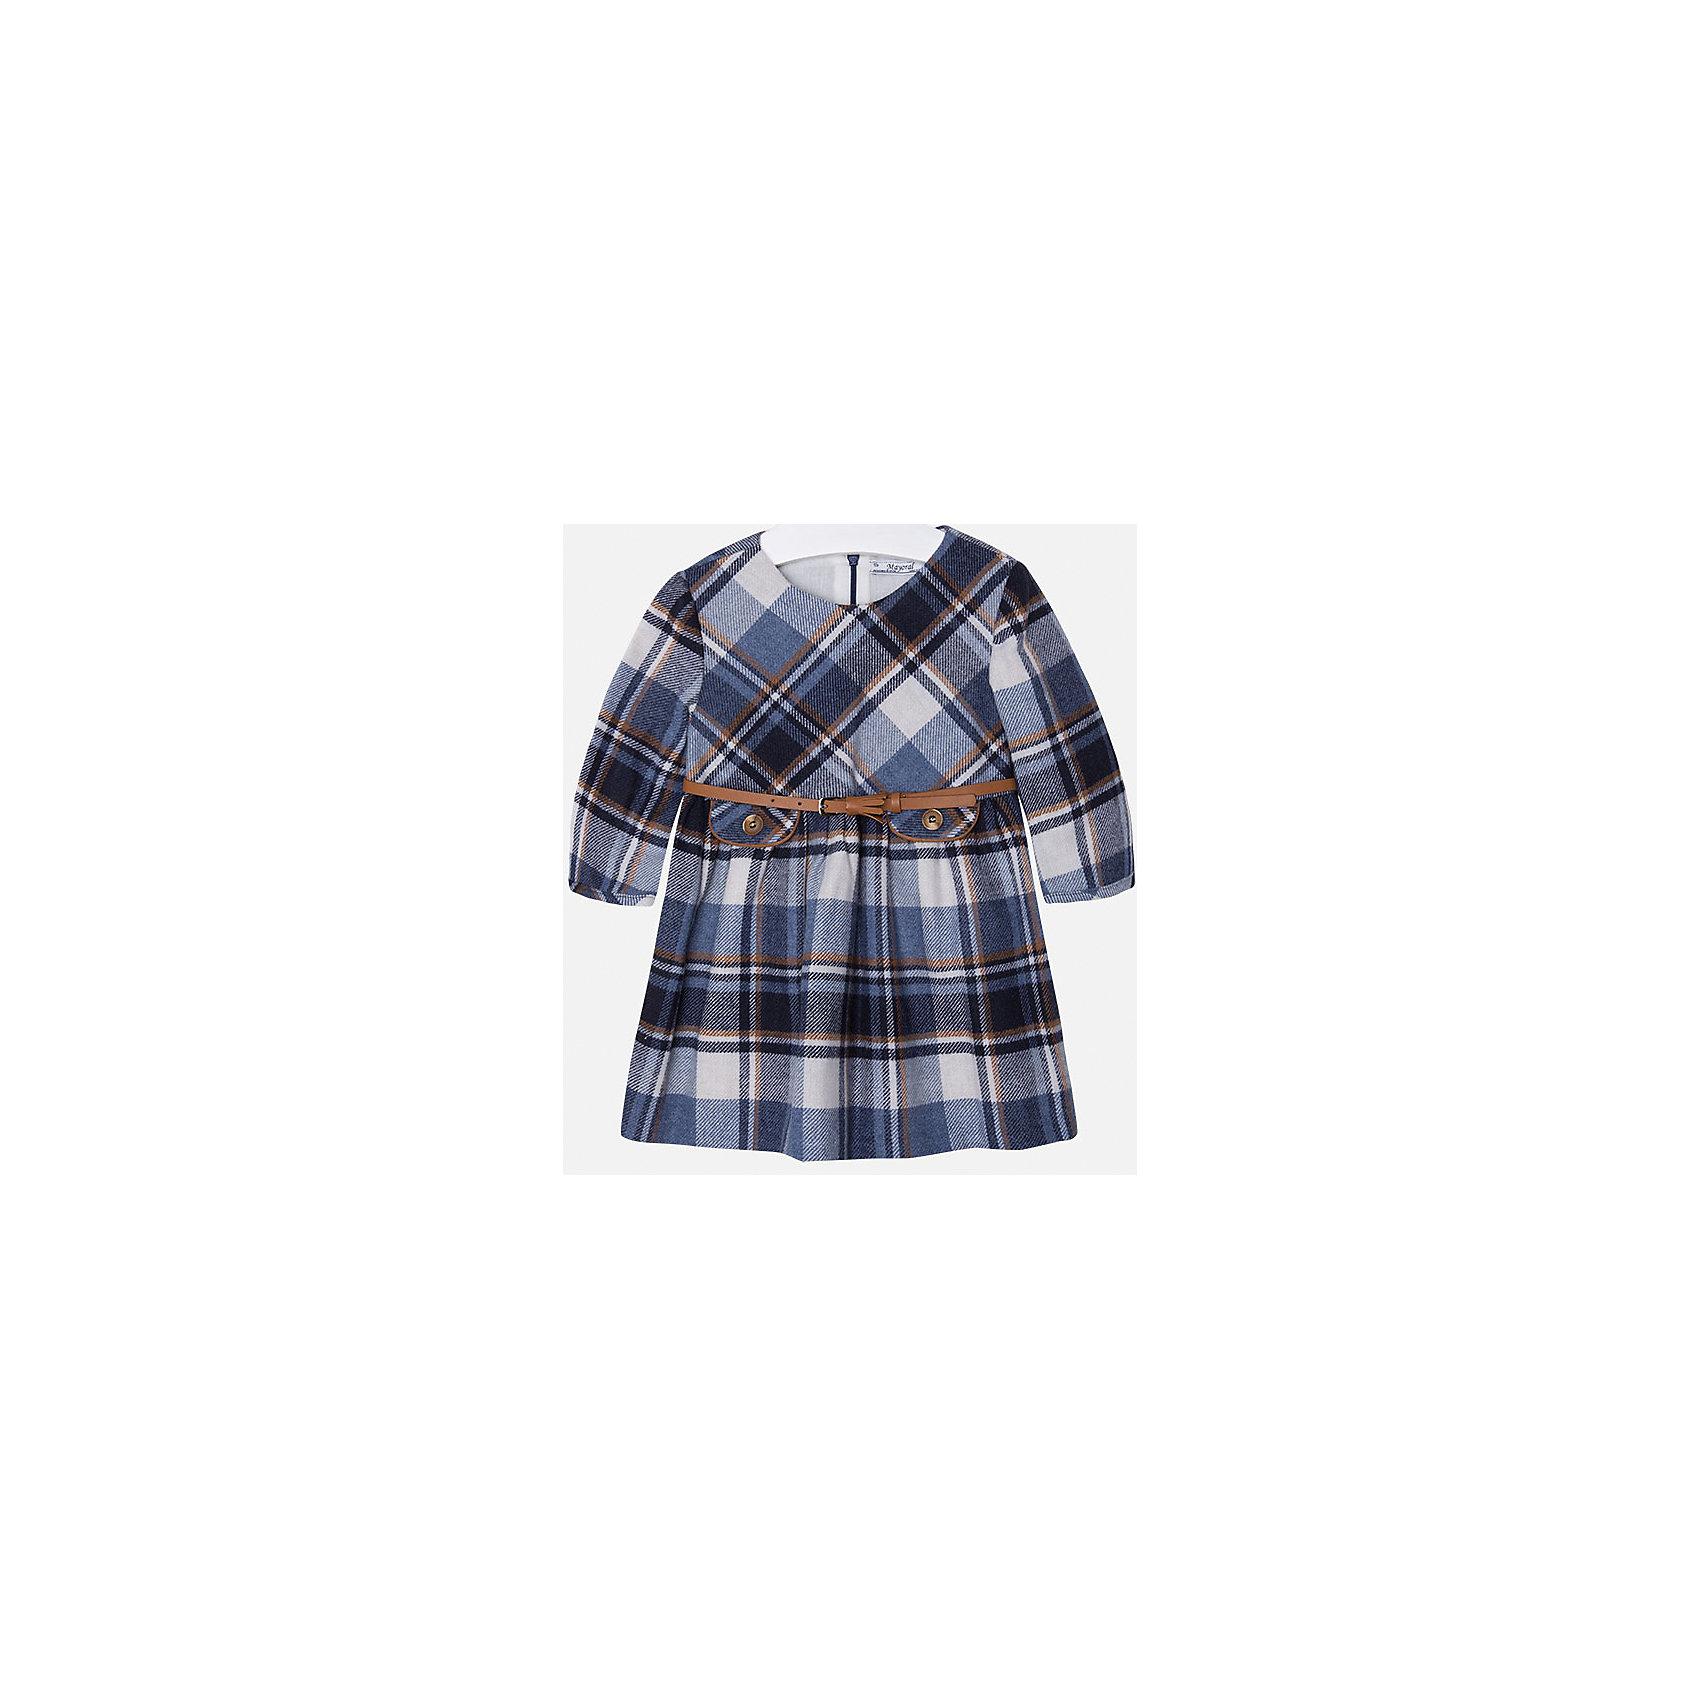 Платье для девочки MayoralПлатья и сарафаны<br>Платье торговой марки Mayoral выполнено в классическом стиле и идеально подойдет маленькой моднице. Платье  имеет оригинальную расцветку- серо-голубую клетку. У платья есть  тоненький бежевый поясок. Сзади платье застегивается на застежку молнию, имеет длинный рукав. <br> <br>Дополнительная информация: <br><br>- цвет: темно-серый, синий <br>- состав: состав: верх - 67% полиэстер,33% хлопок, подкладка - 50% хлопок, 50% полиэстера <br>- вырез горловины: округлый<br>- длина рукава: длинные <br>- вид застежки:  застежка сзади<br>- тип карманов: без карманов<br>- уход за вещами: бережная стирка при 30 градусах<br>- назначение: повседневная<br>- конструктивные элементы: без разреза<br>- пол: девочки<br>- страна бренда: Испания<br>- страна производитель: Китай<br>- комплектация: платье<br><br>Платье для девочки торговой марки Mayoral можно купить в нашем интернет-магазине.<br><br>Ширина мм: 236<br>Глубина мм: 16<br>Высота мм: 184<br>Вес г: 177<br>Цвет: синий<br>Возраст от месяцев: 24<br>Возраст до месяцев: 36<br>Пол: Женский<br>Возраст: Детский<br>Размер: 98,92,134,110,128,116,104,122<br>SKU: 4844520